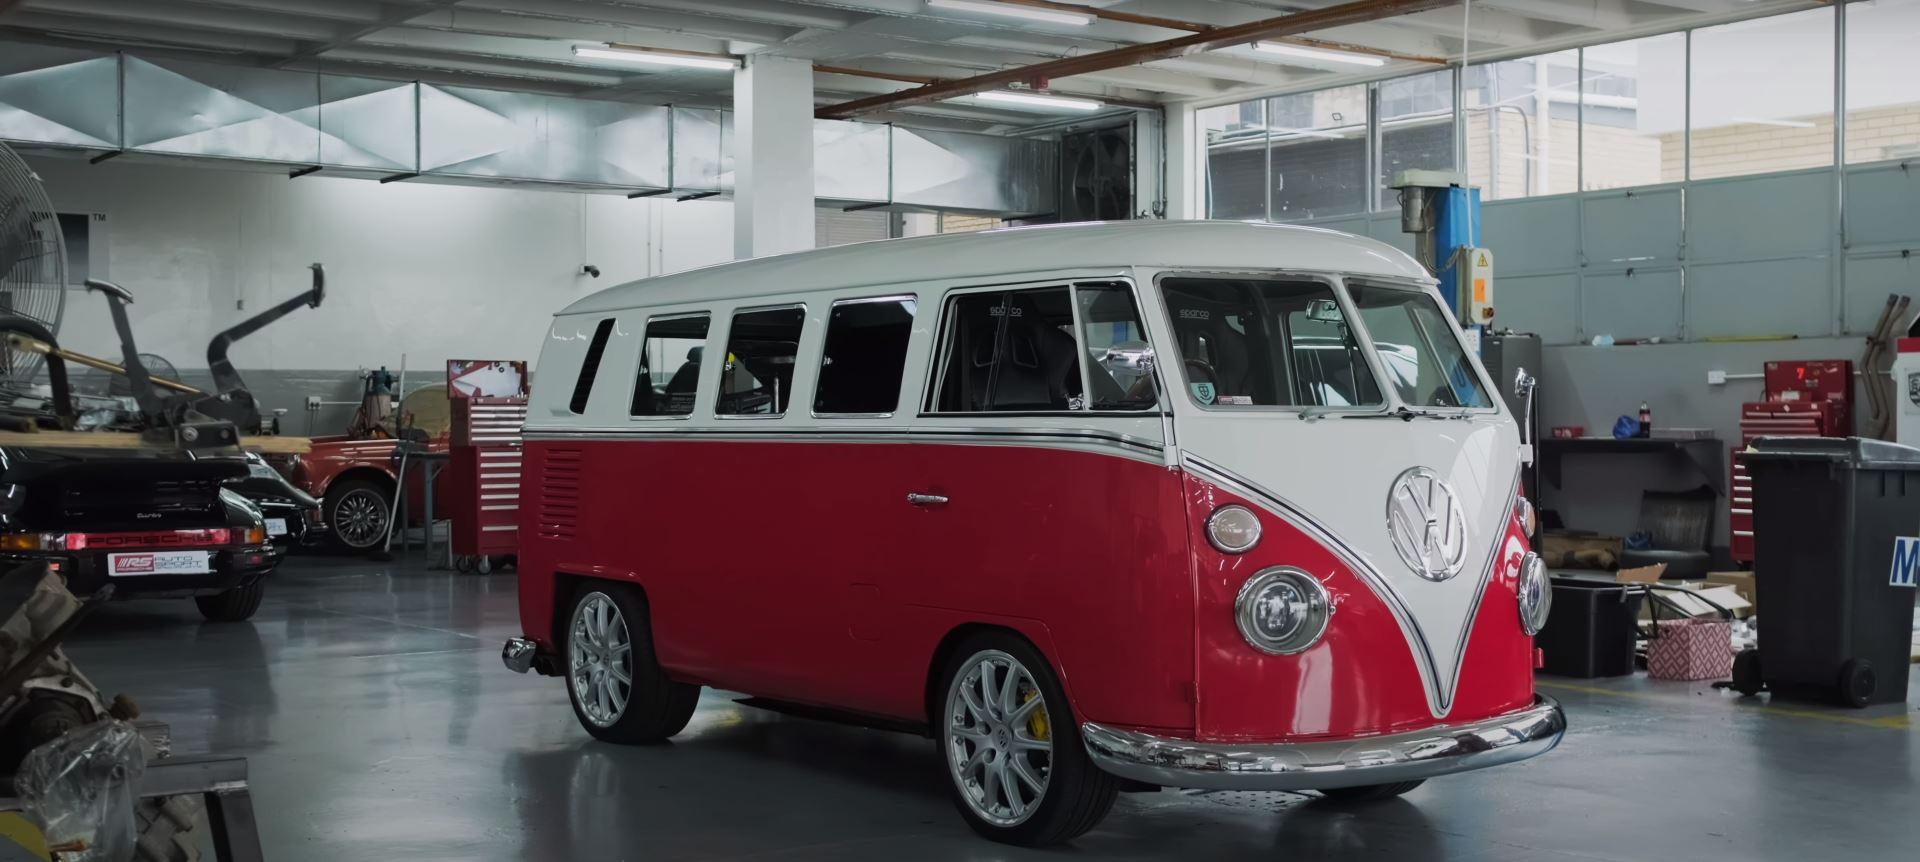 1965 Vw Bus Restomod Is No Hippie Van Hides An Air Cooled Boxer Secret Autoevolution